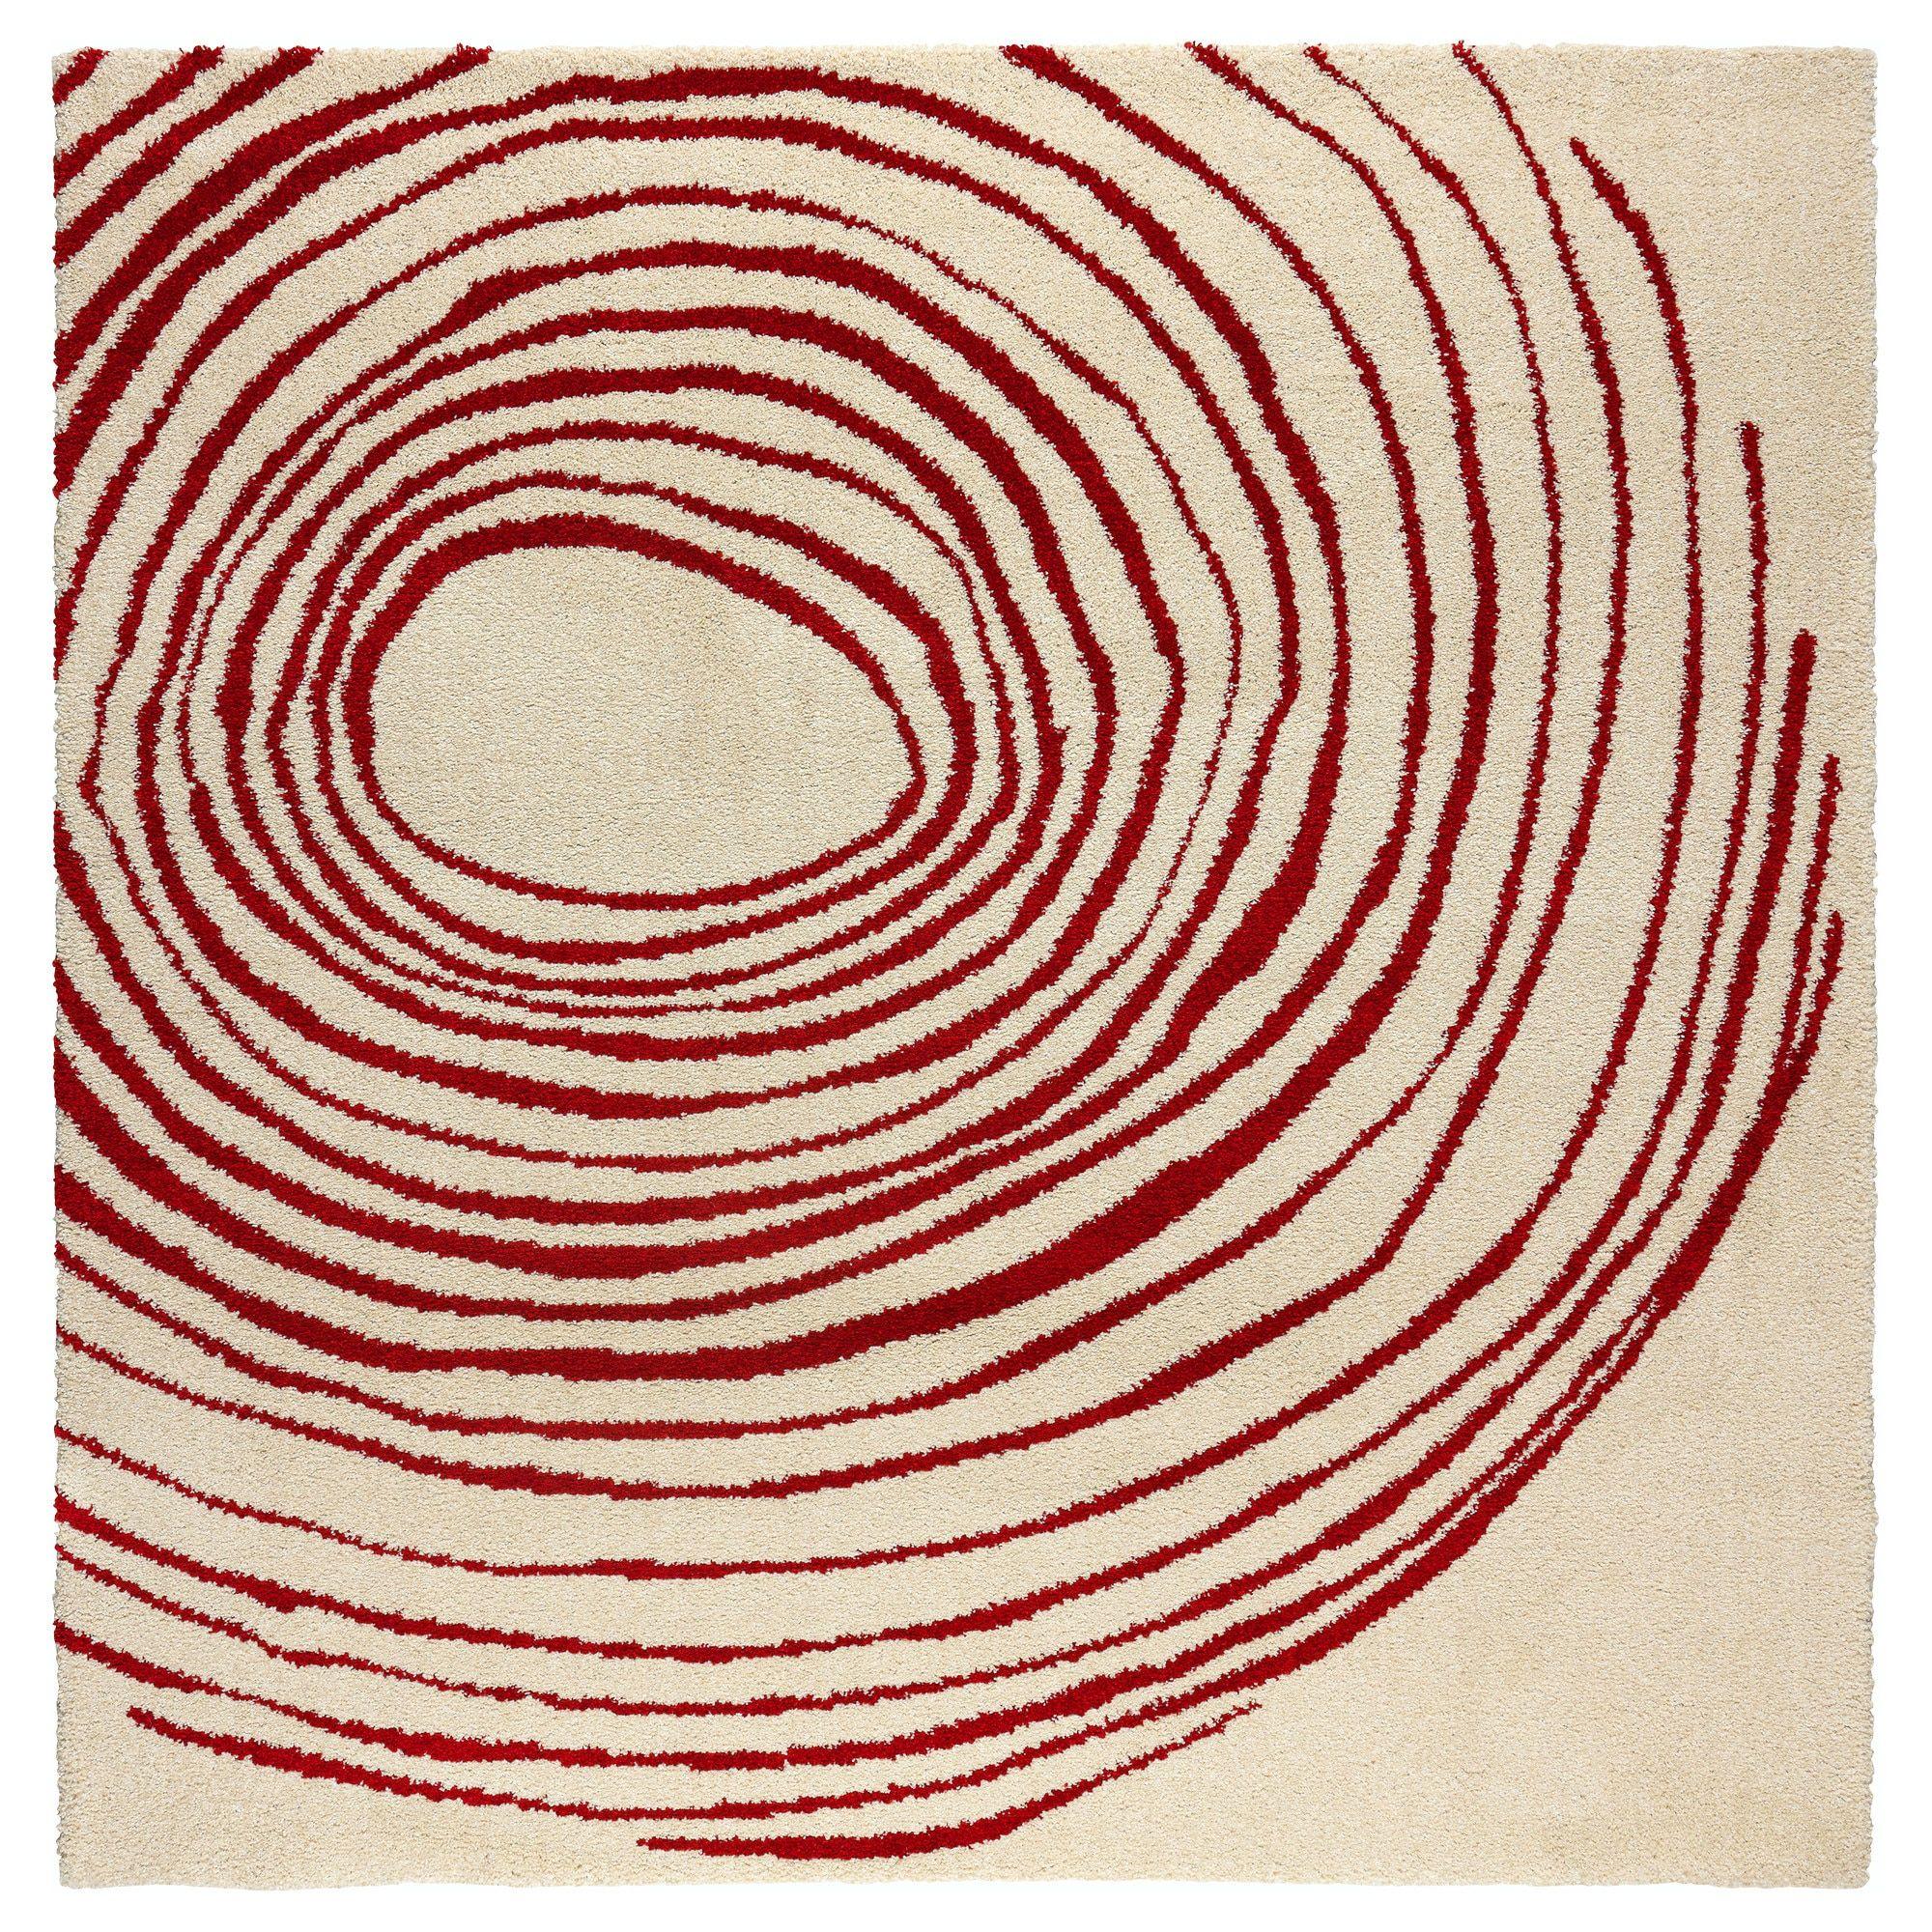 Eivor Cirkel Rug High Pile White Red 6 7 X6 7 Ikea